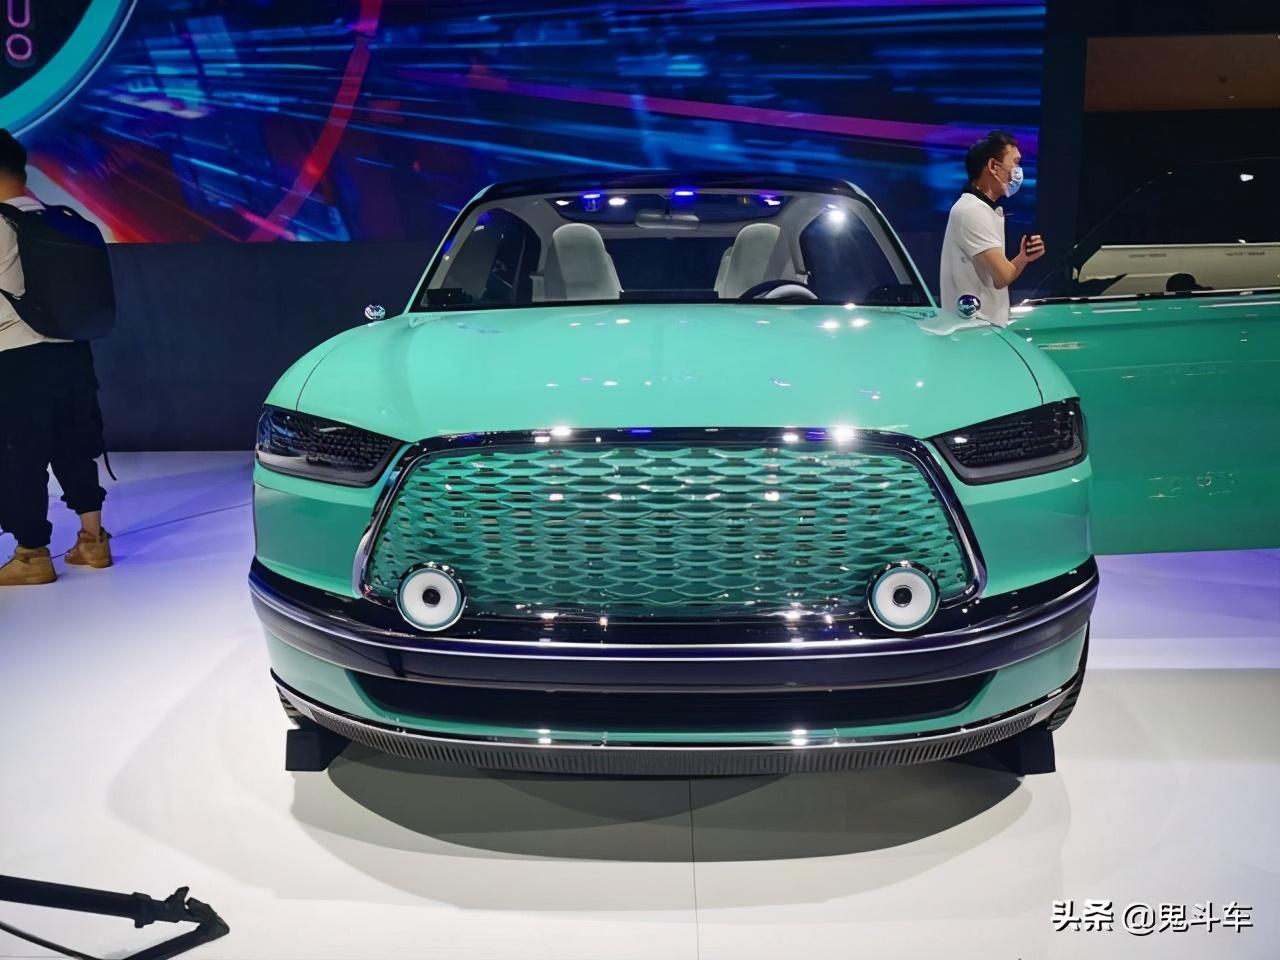 长城官方发布概念车图片 硕大体格对开门车型 咋就是个轿车?